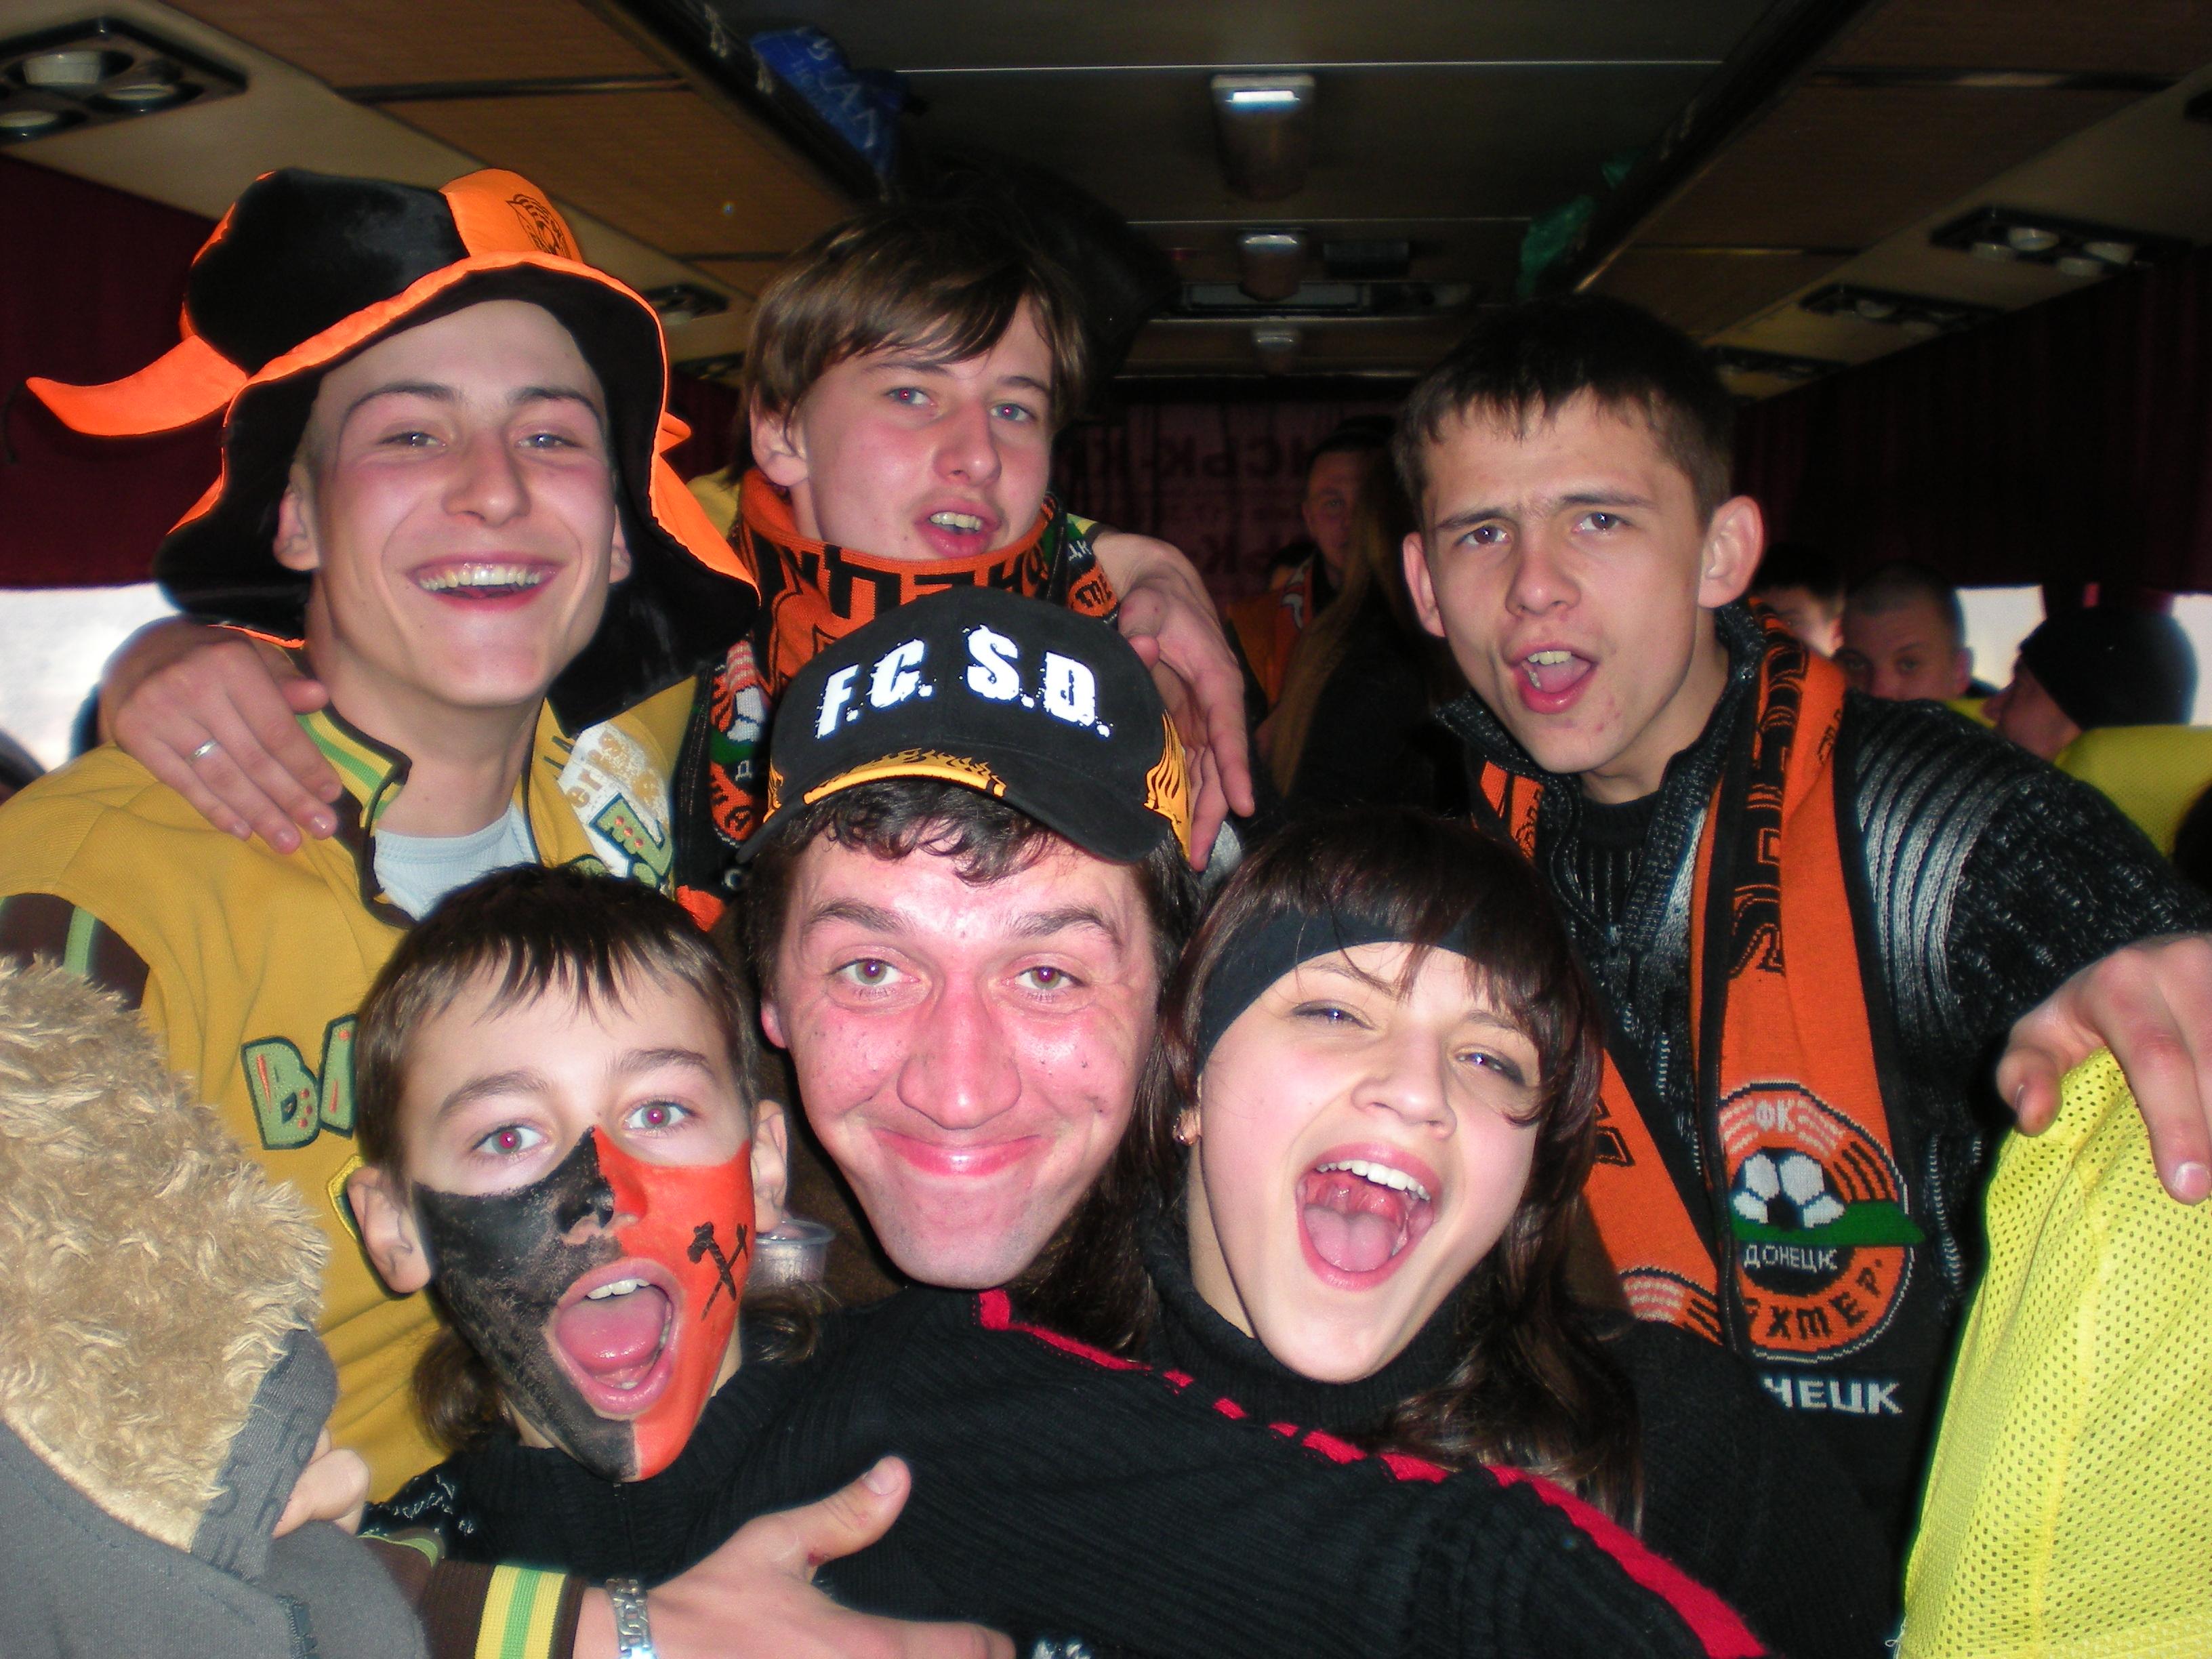 Шахтер, Чемпионат Украины по футболу, Лига чемпионов УЕФА, Лига Европы УЕФА, Донбасс Арена, РСК Олимпийский, Конкурс